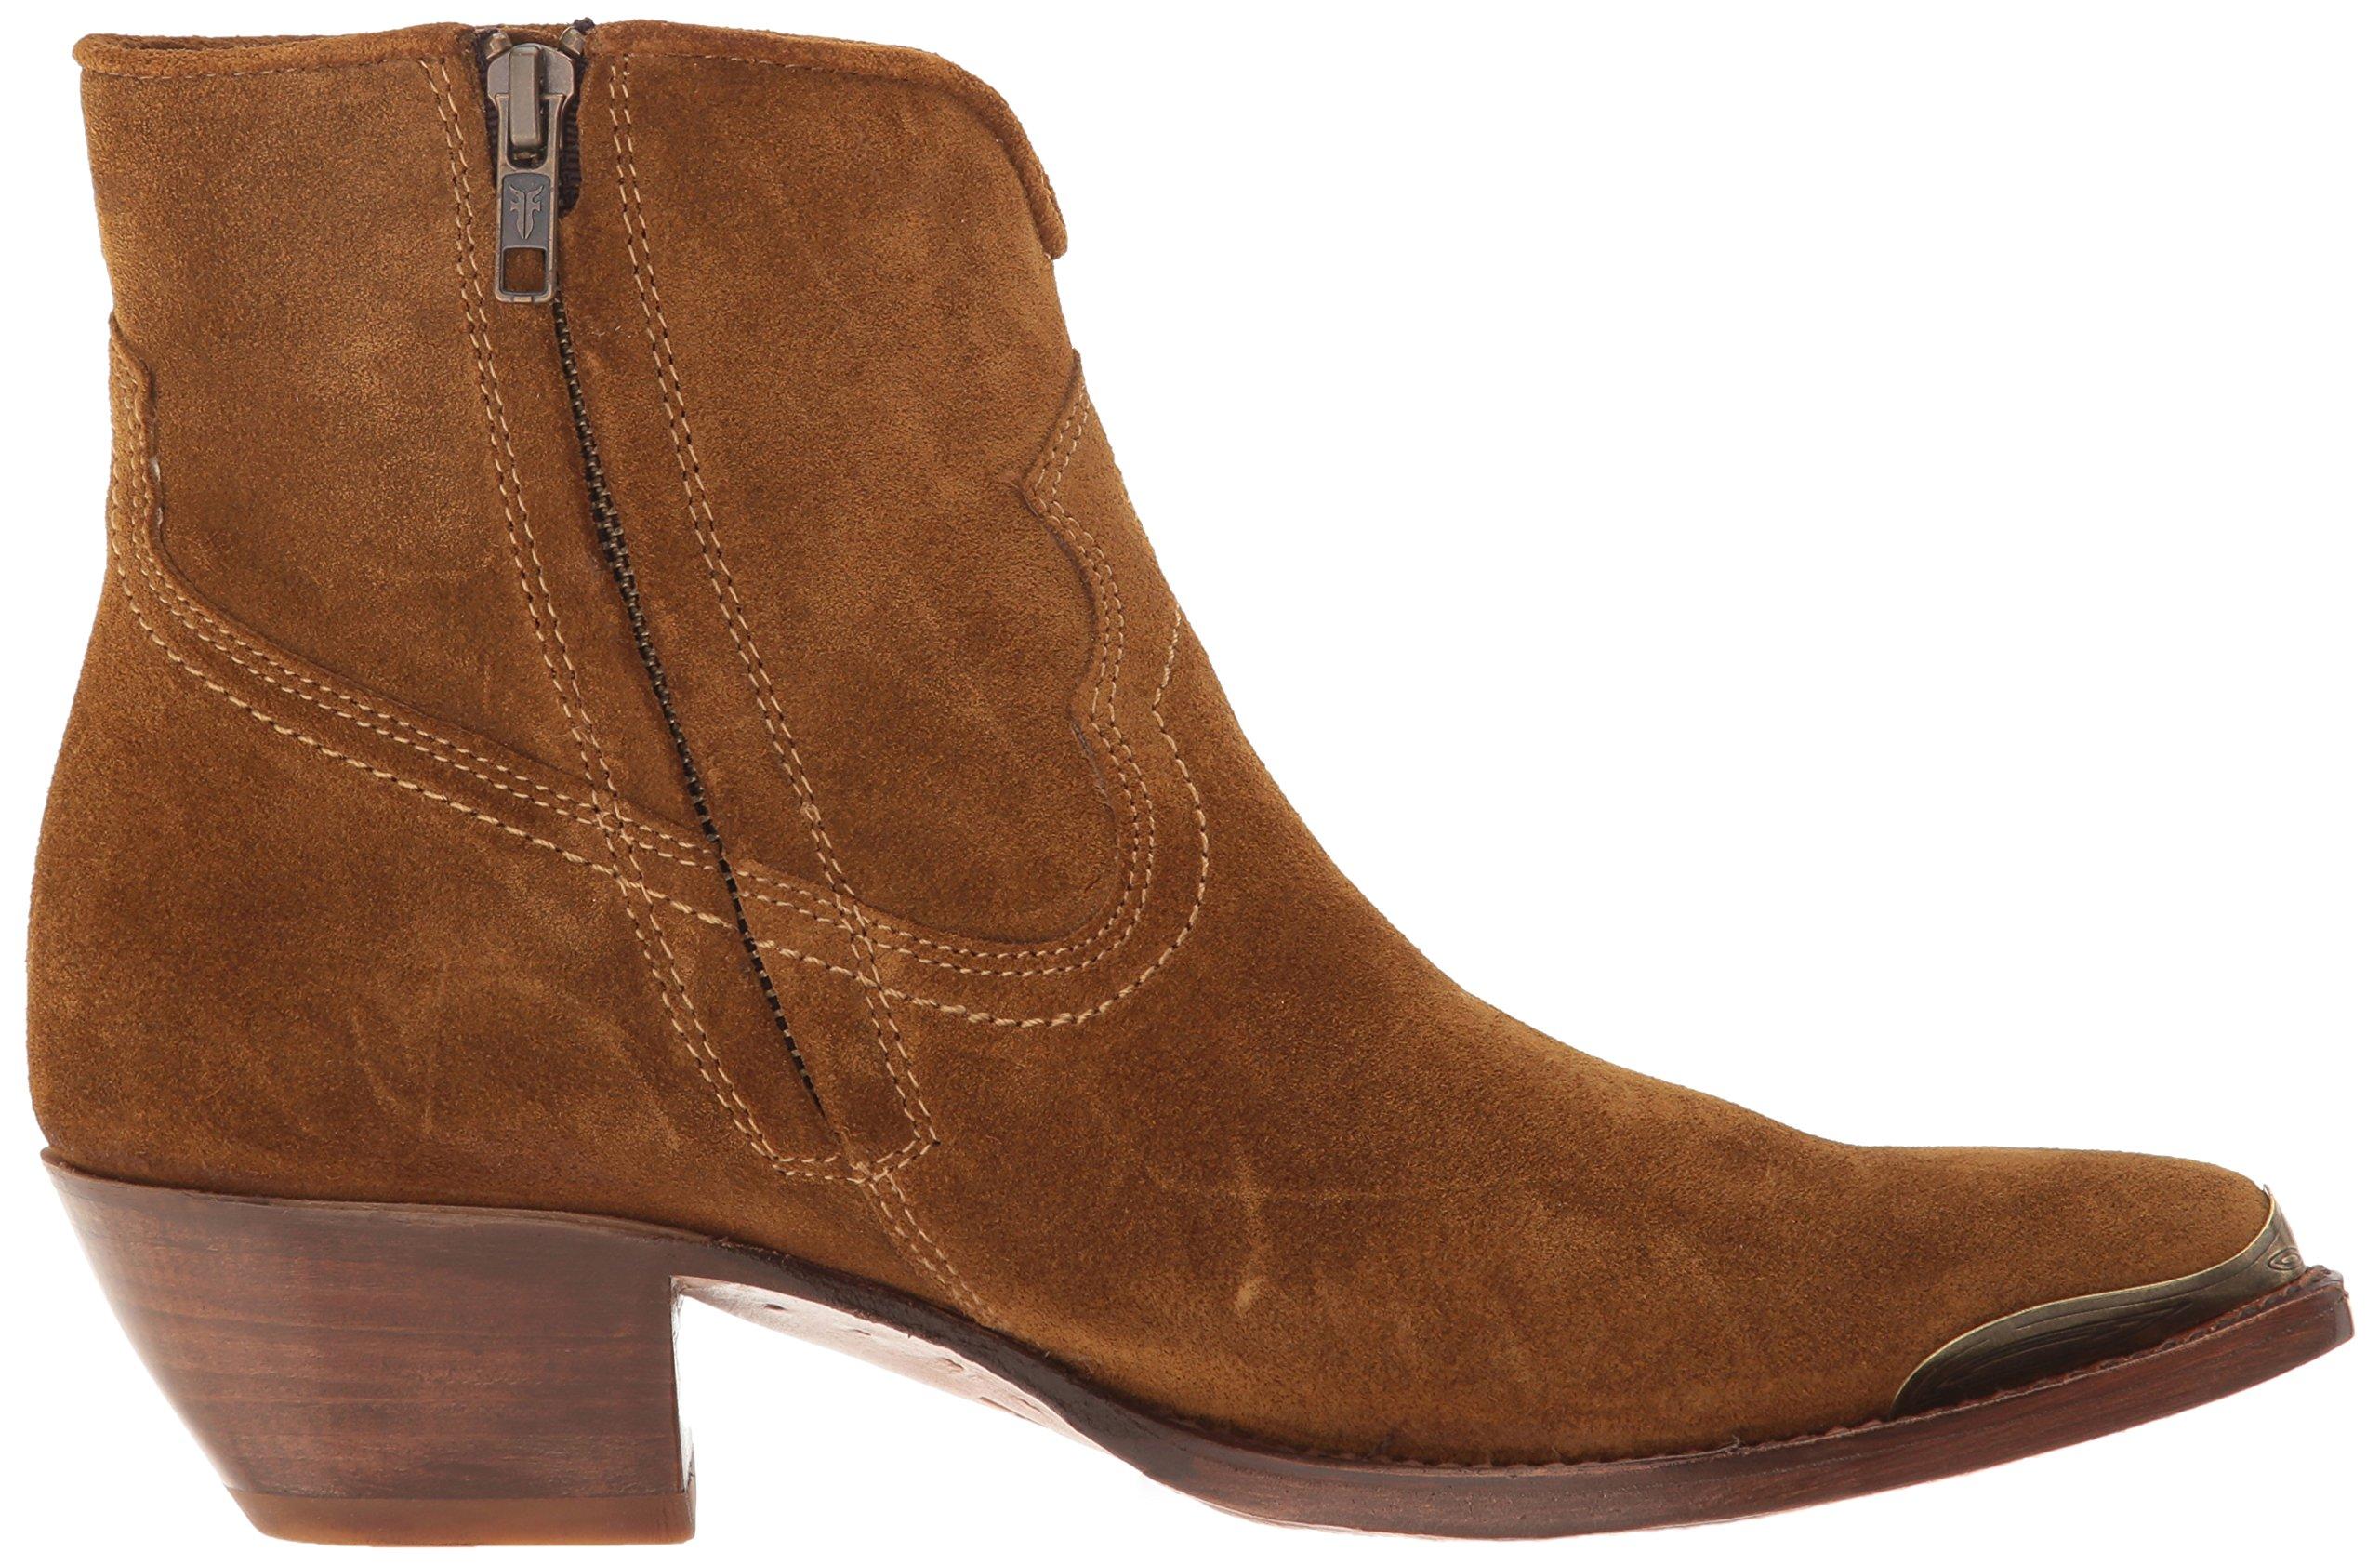 FRYE Women's Shane Tip Short Western Boot by FRYE (Image #7)